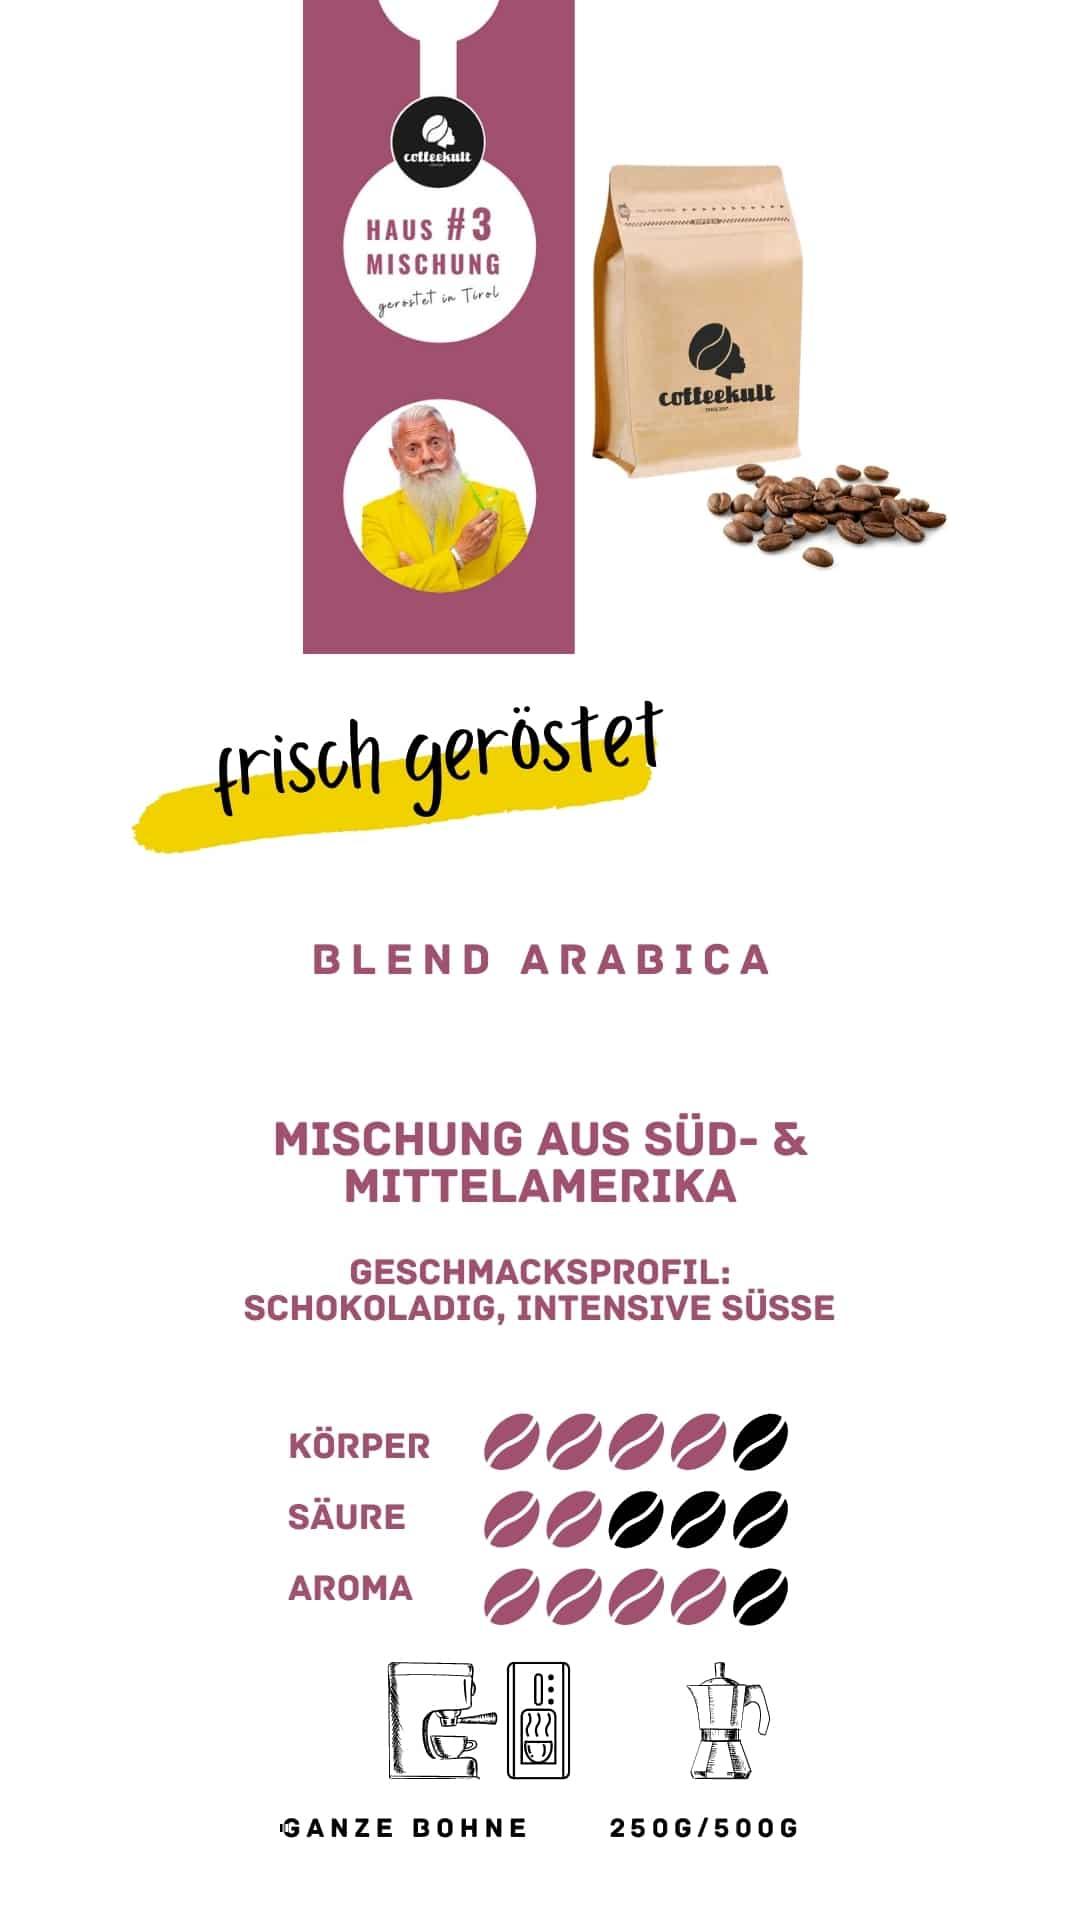 coffeekult coffee frisch geröstet barista kaffeerösterei innsbruck hausmischung 3